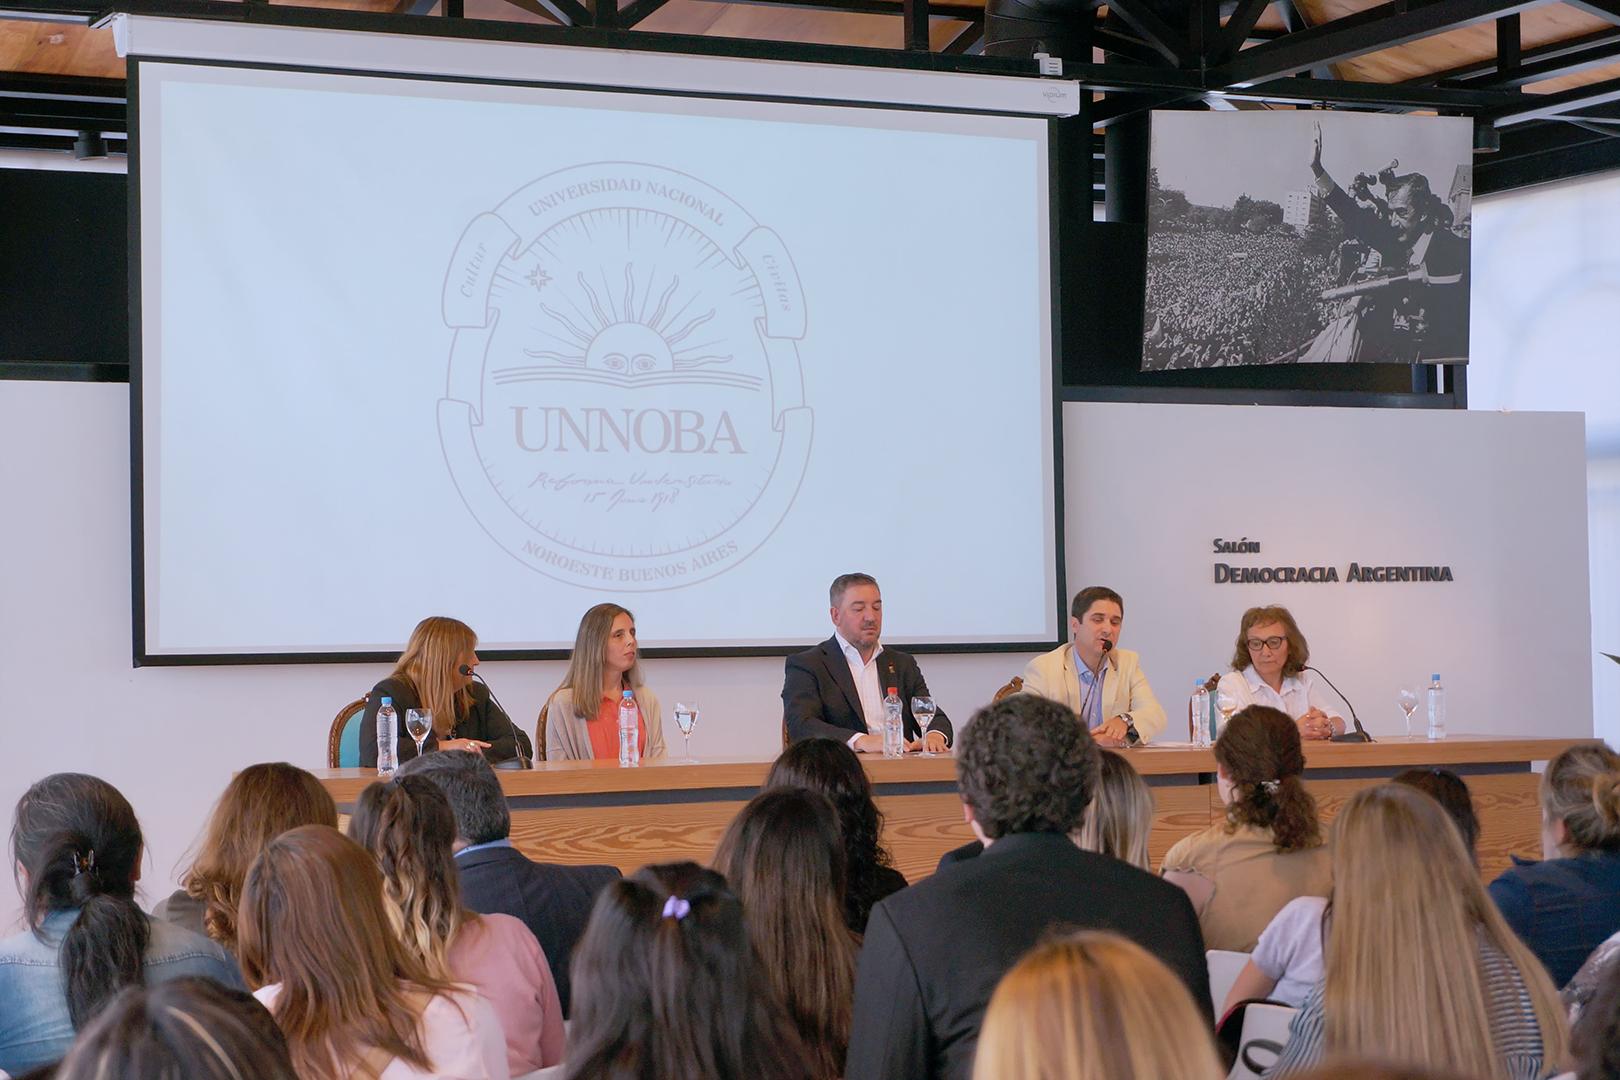 En la imagen se observa a autoridades educativas, municipales y de entidades intermedias en la apertura de la jornada.